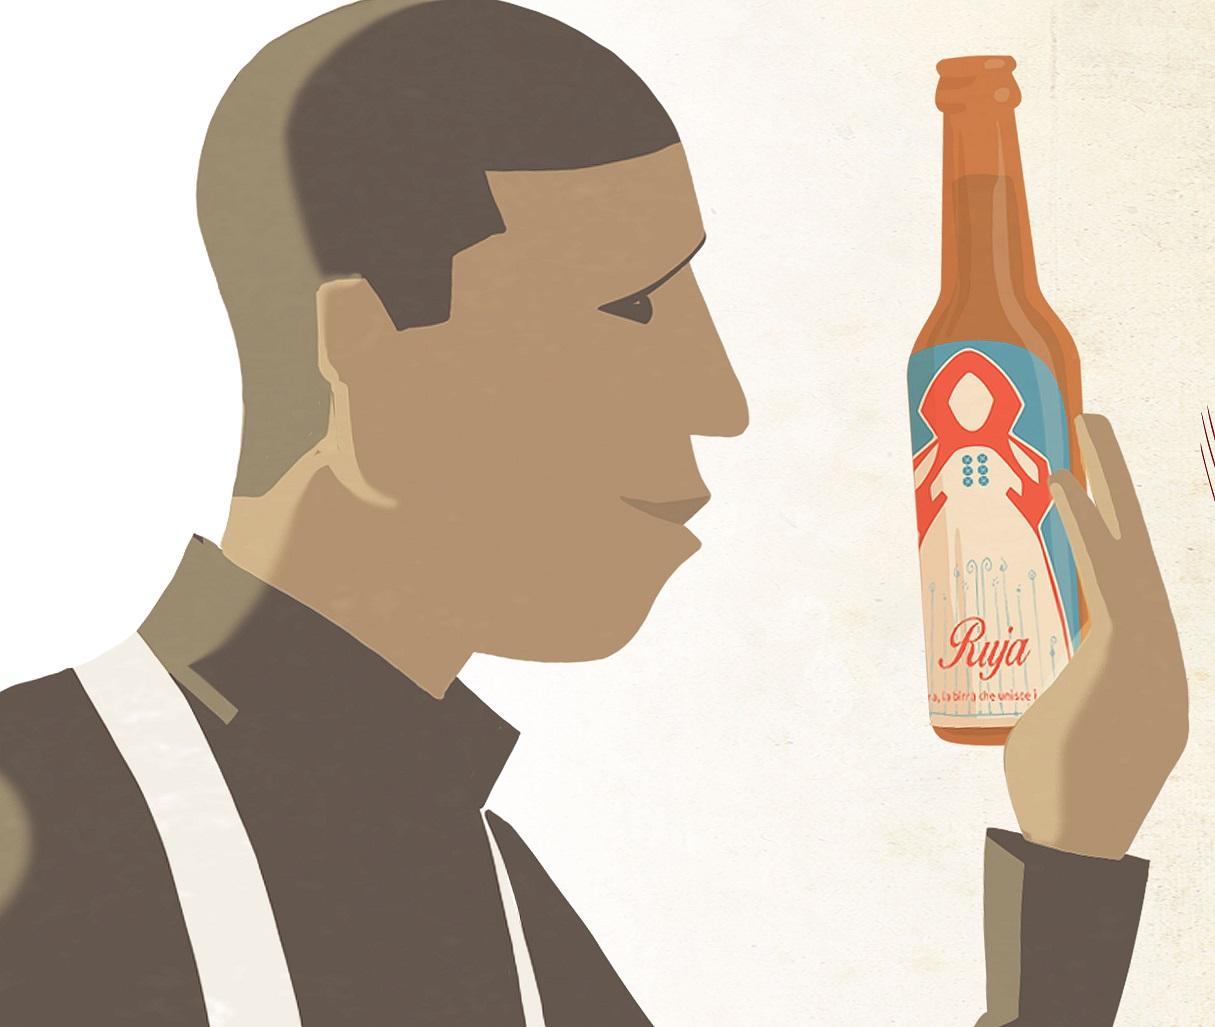 birrificio birra inglese